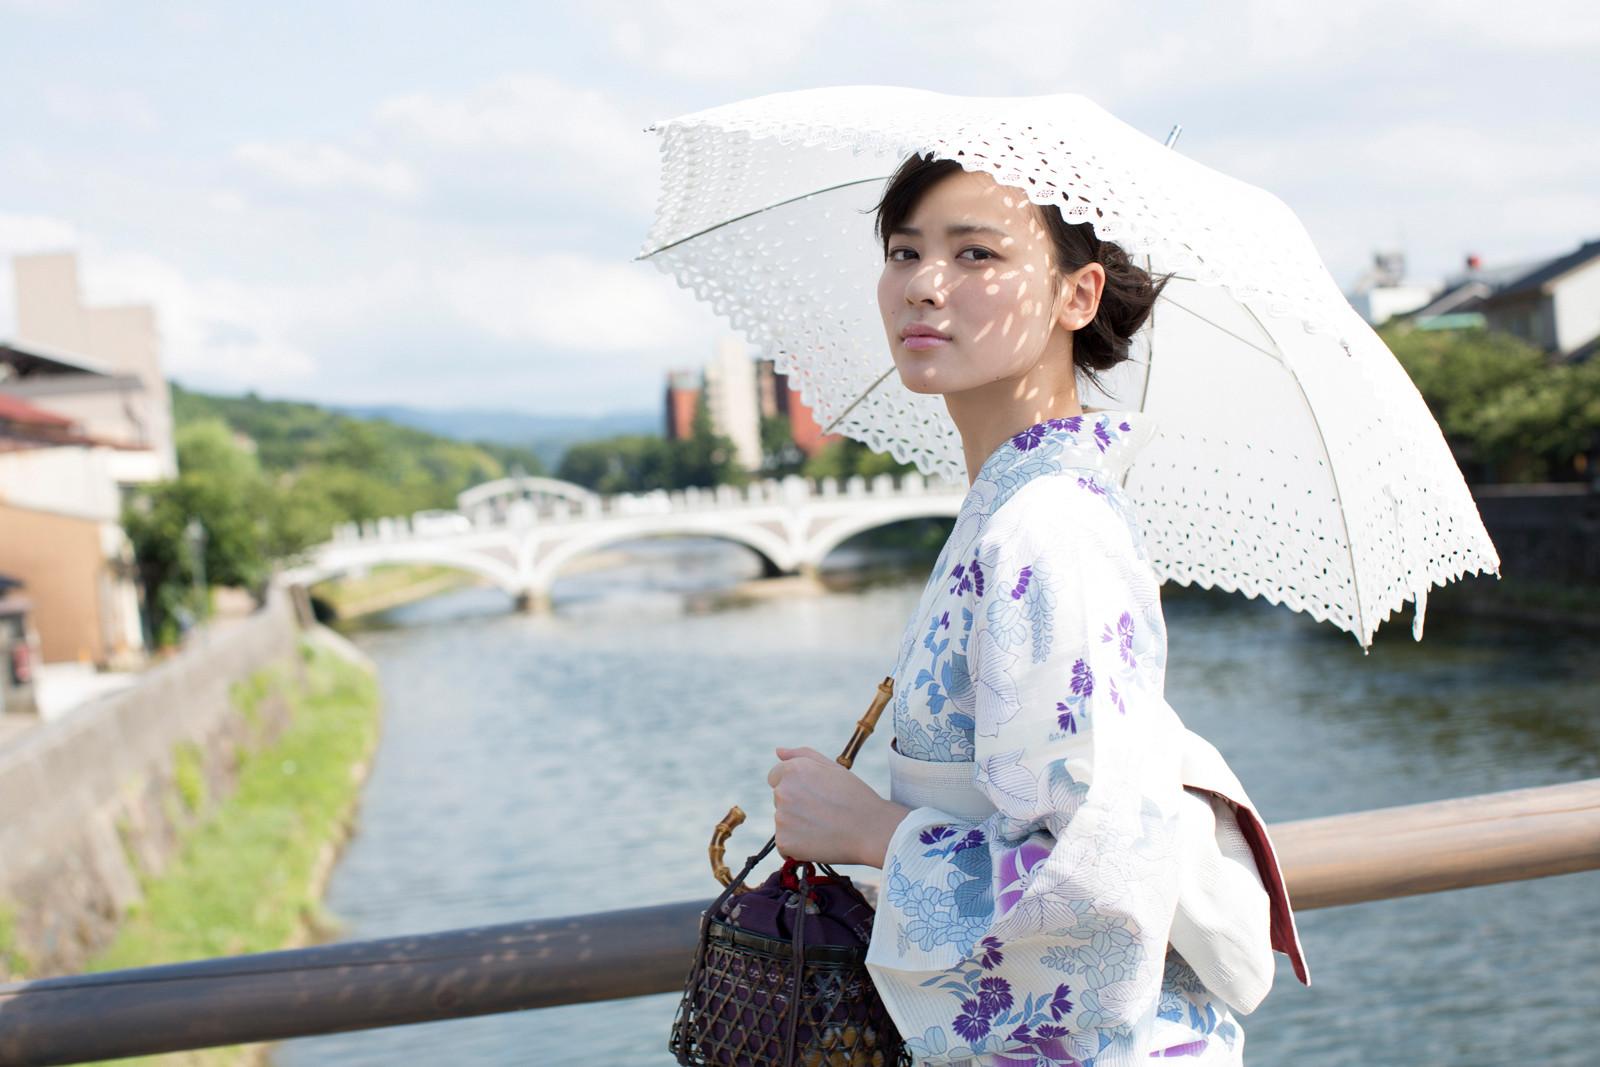 白地に紫のお花の浴衣 白のレースの傘 矢島舞美 橋の上 2